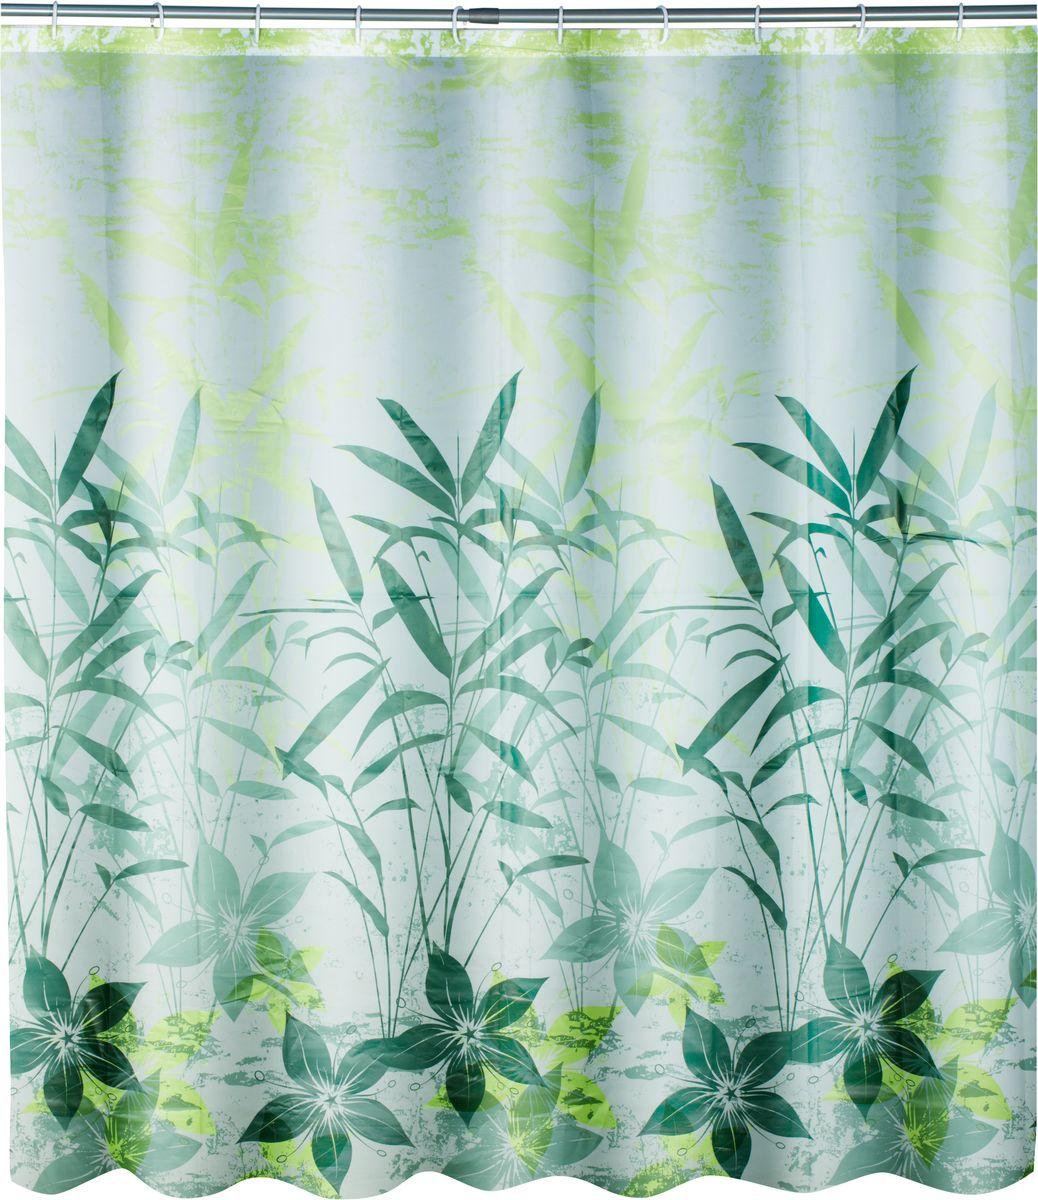 Штора для ванной Swensa Grass, цвет: зеленый, 180 х 180 смRG-D31SШтора выполненна из такого материала как ПЕВА и EVA (вспененный этиленвинилацетат) и оформлена оригинальным рисунком. Она надежно защитит от брызг и капель пространство вашей ванной комнаты в то время, пока вы принимаете душ. В верхней кромке шторы предусмотрены отверстия для пластиковых колец, которые входят в комплект.Количество колец: 12 шт.